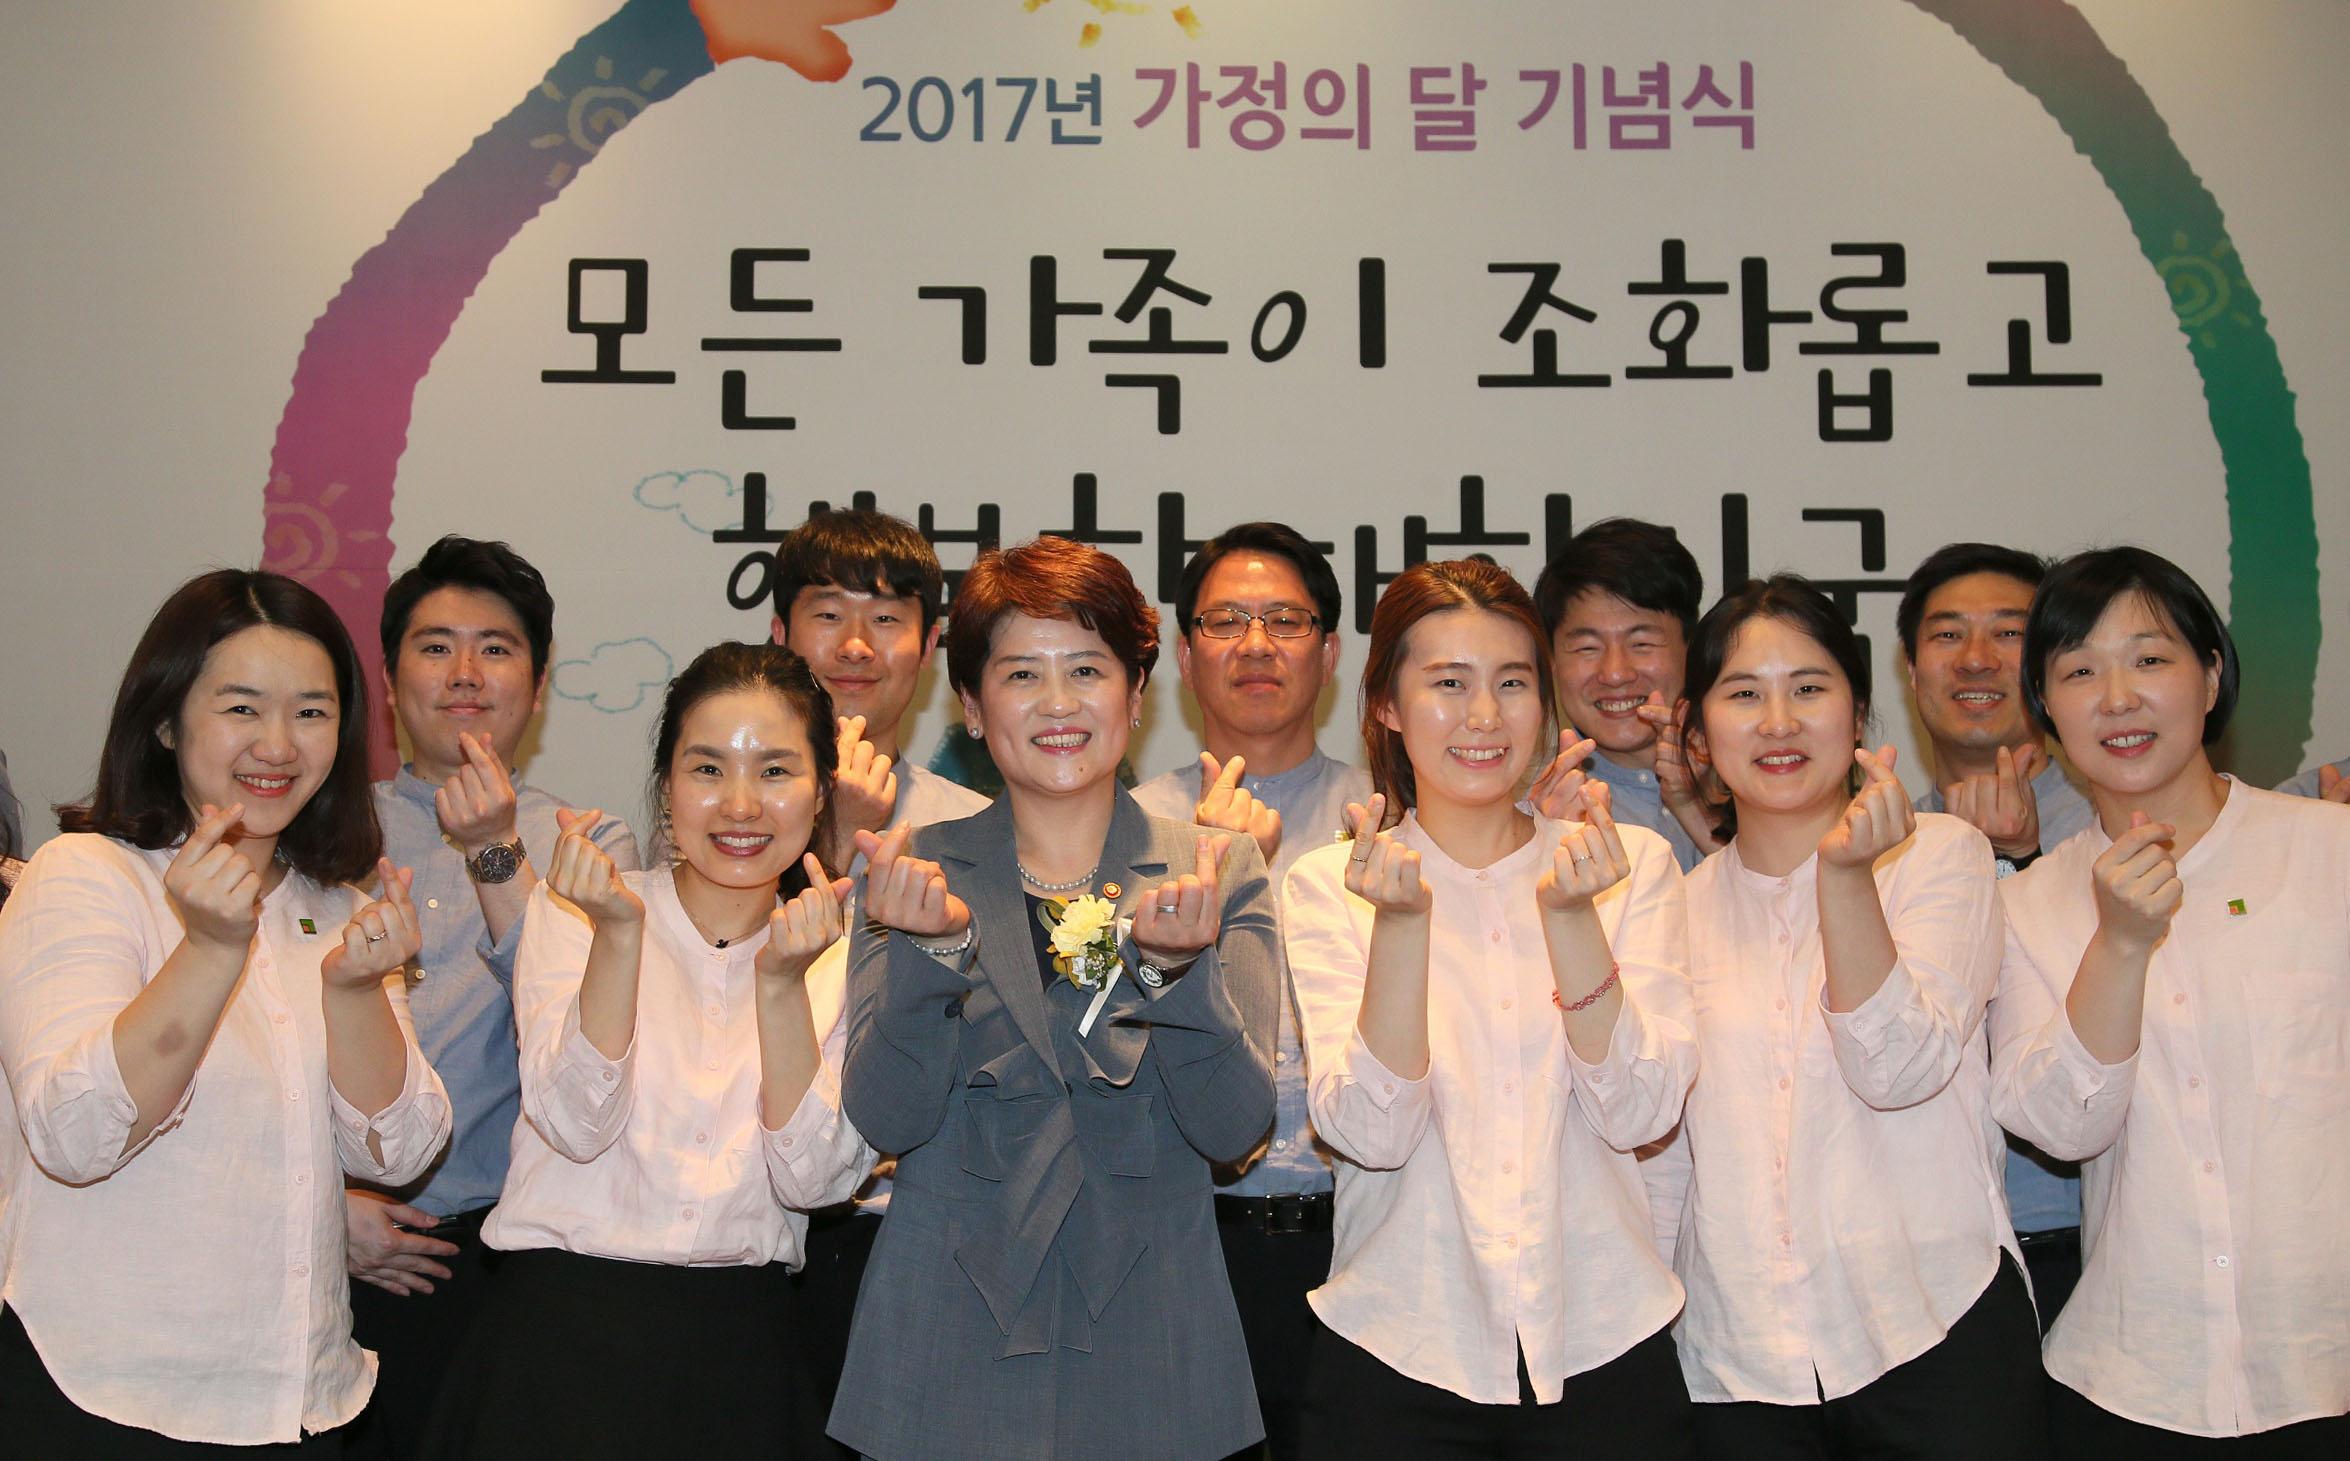 한국건강가정진흥원 합창단 동아리 'Sound of Music' 가정의 달 기념식 축하공연_1